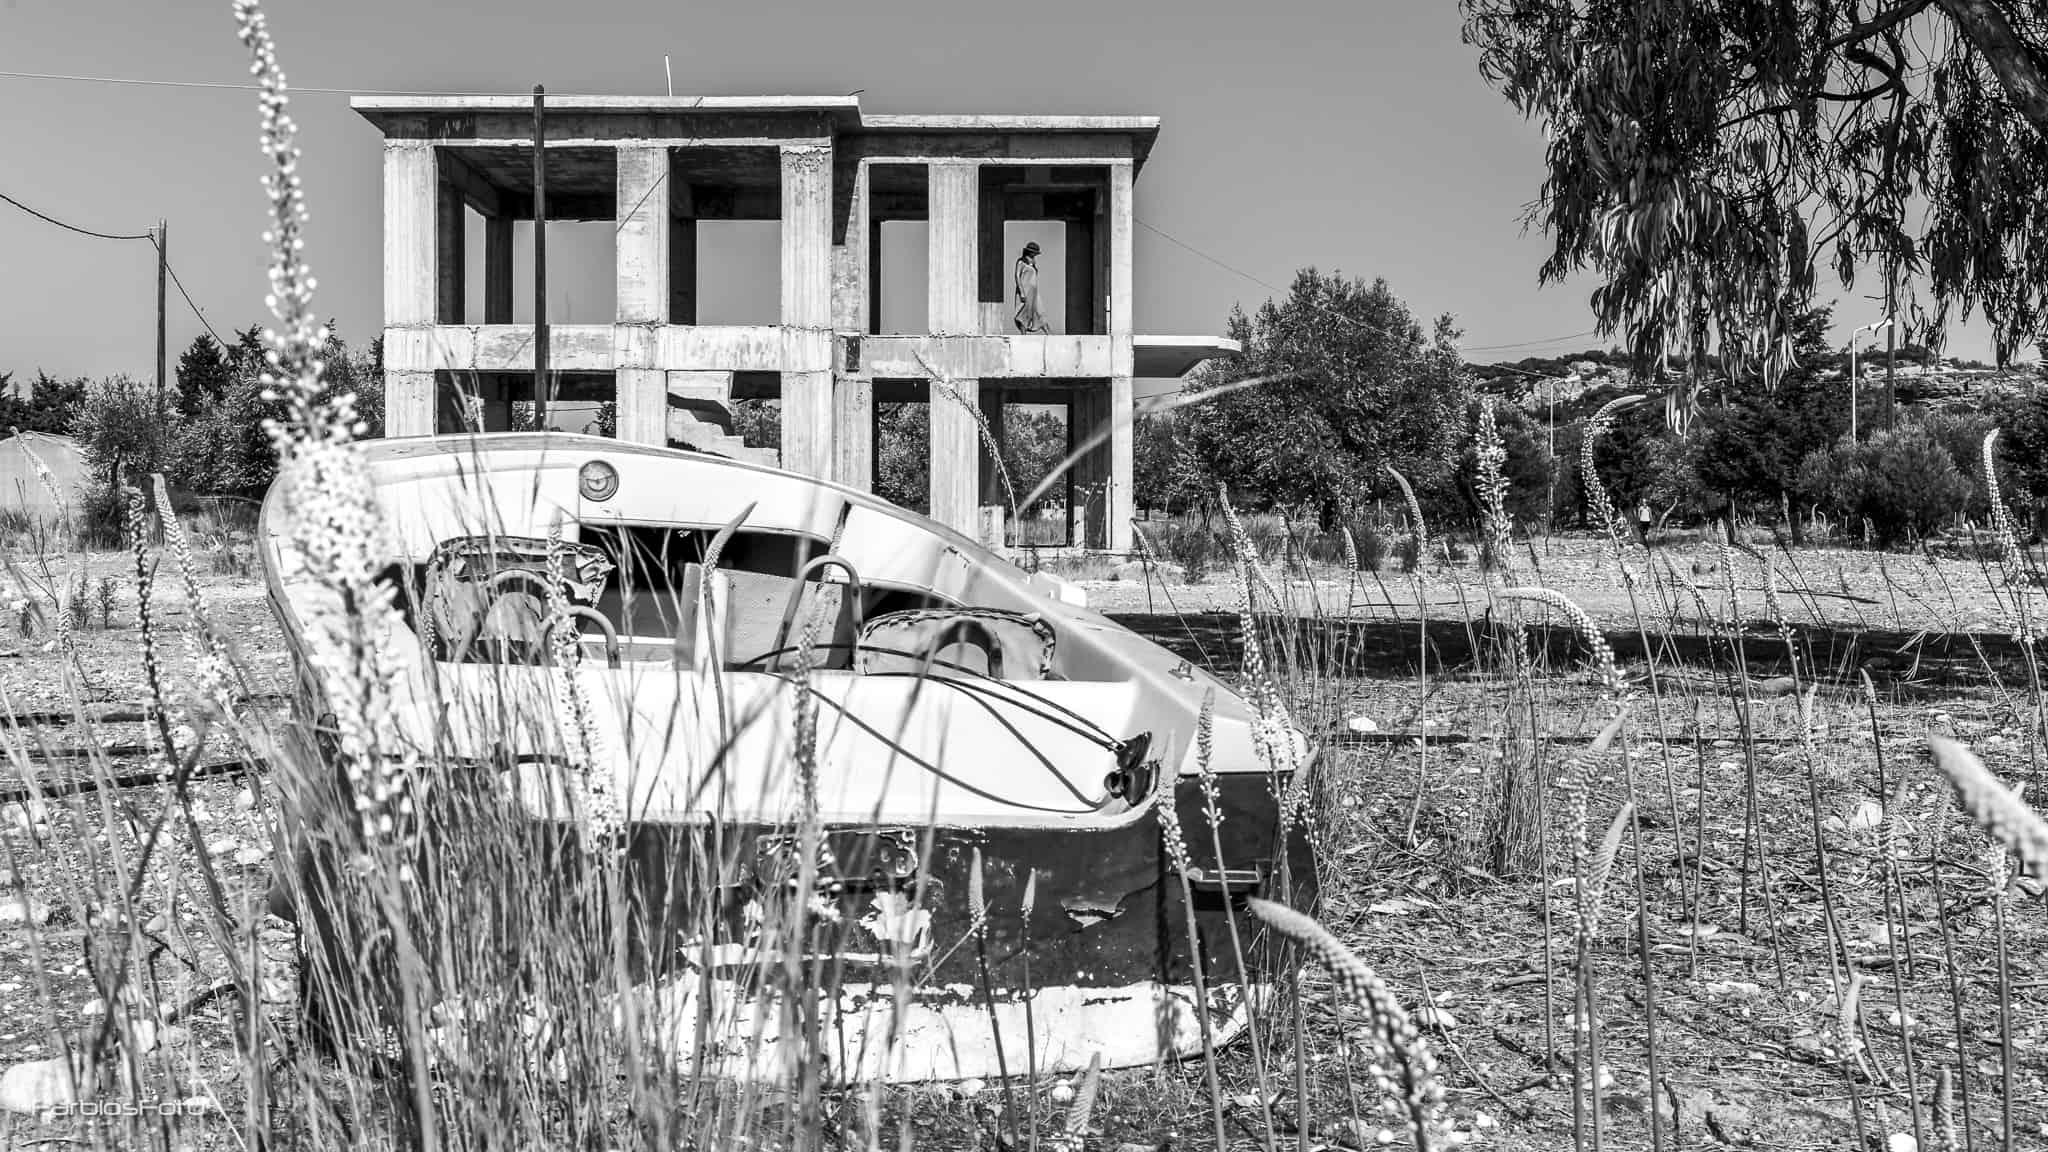 Mein Haus, mein Auto, mein Boot